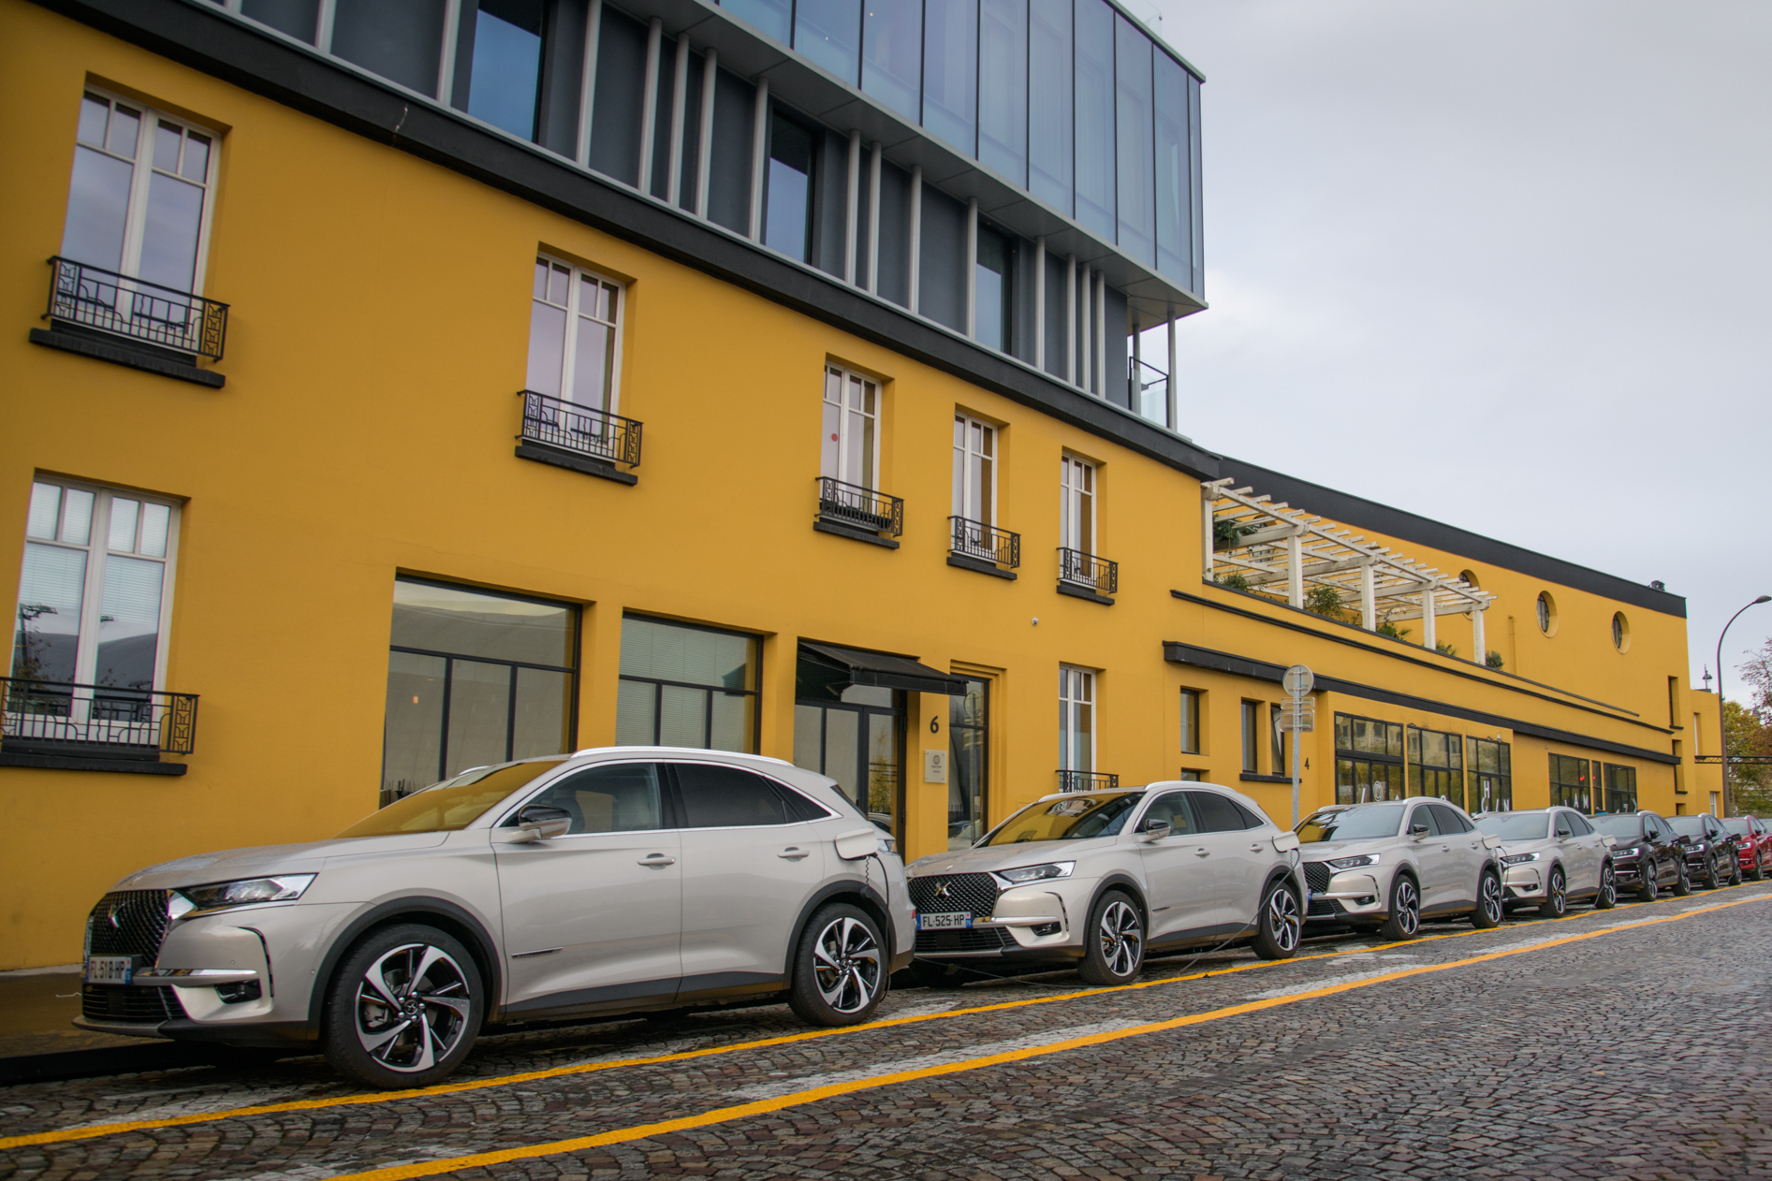 mid Groß-Gerau - Am Designer-Hotel Molitor in Paris, einer ehemaligen Badeanstalt, stehen elektrifizierte Modelle der französischen Marke DS zu Probefahrten bereit. DS Automobiles